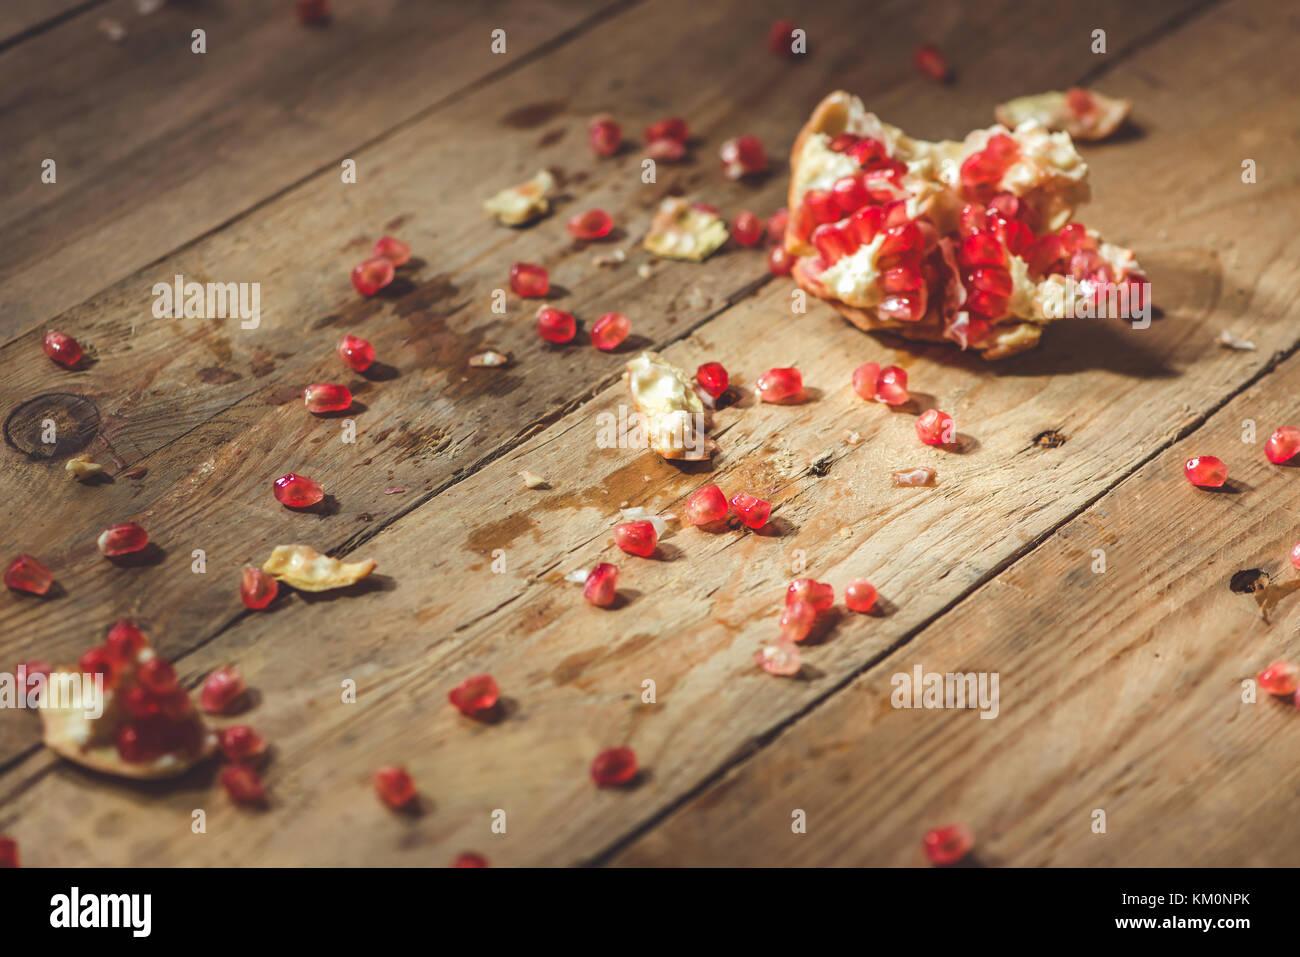 Caída de granada madura con grietas y salpicaduras de zumo de frutas y semillas de fondo vintage de madera. Imagen De Stock